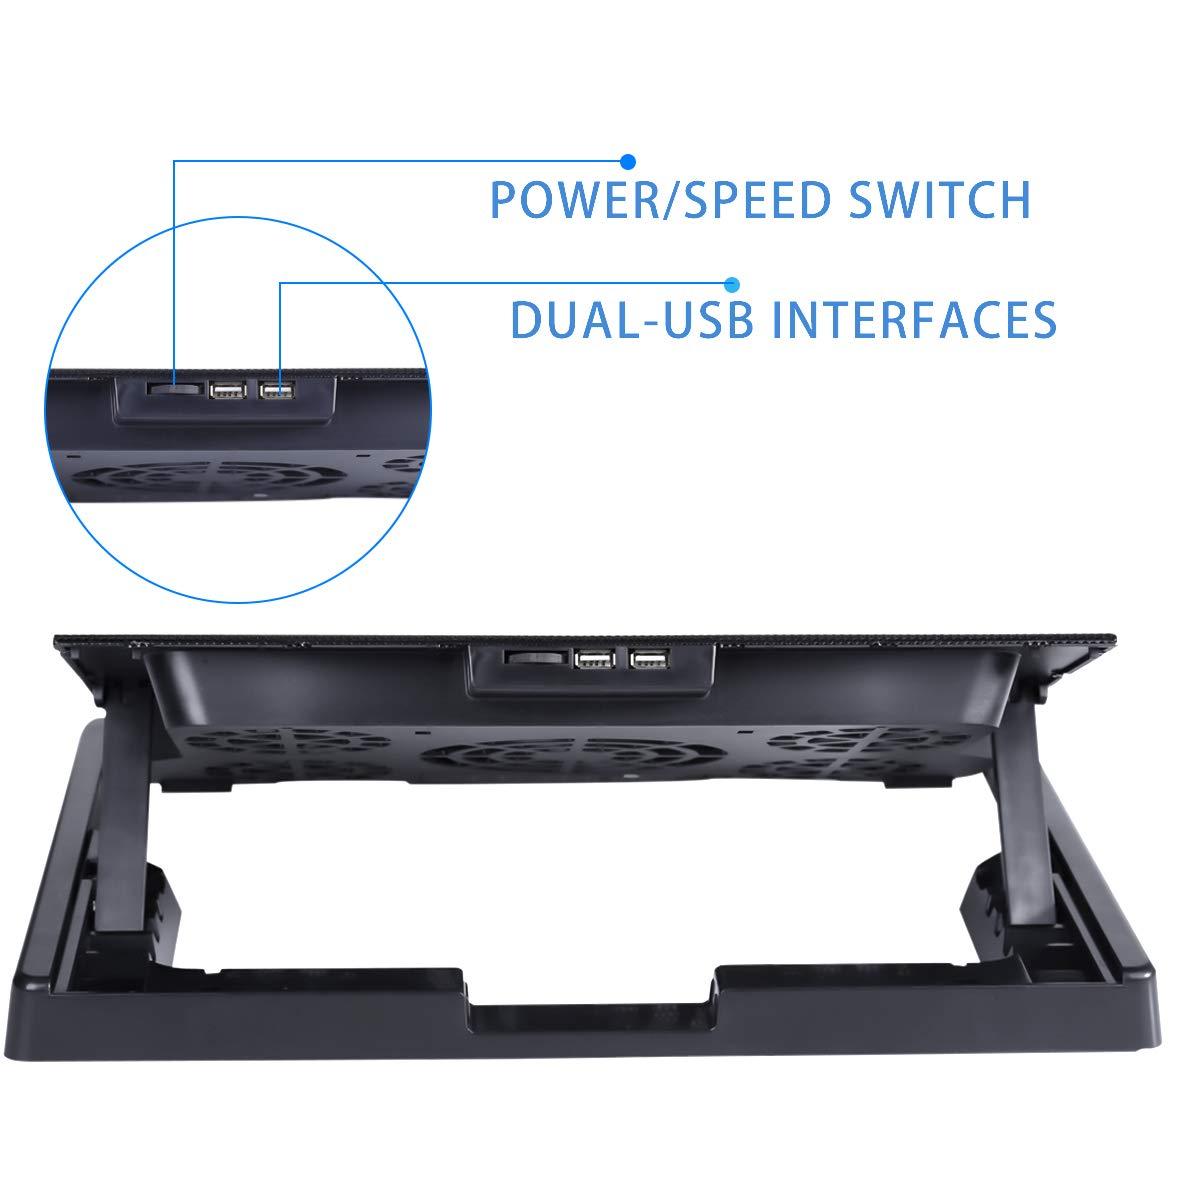 2 Ports USB 2.0 slopehill Ventilateur PC Portable Refroidisseur Ordinateur Portable 10-17 Pouces Support de Montage R/églable avec 5 Ventilateurs Silencieux et Lumi/ère Bleu LED